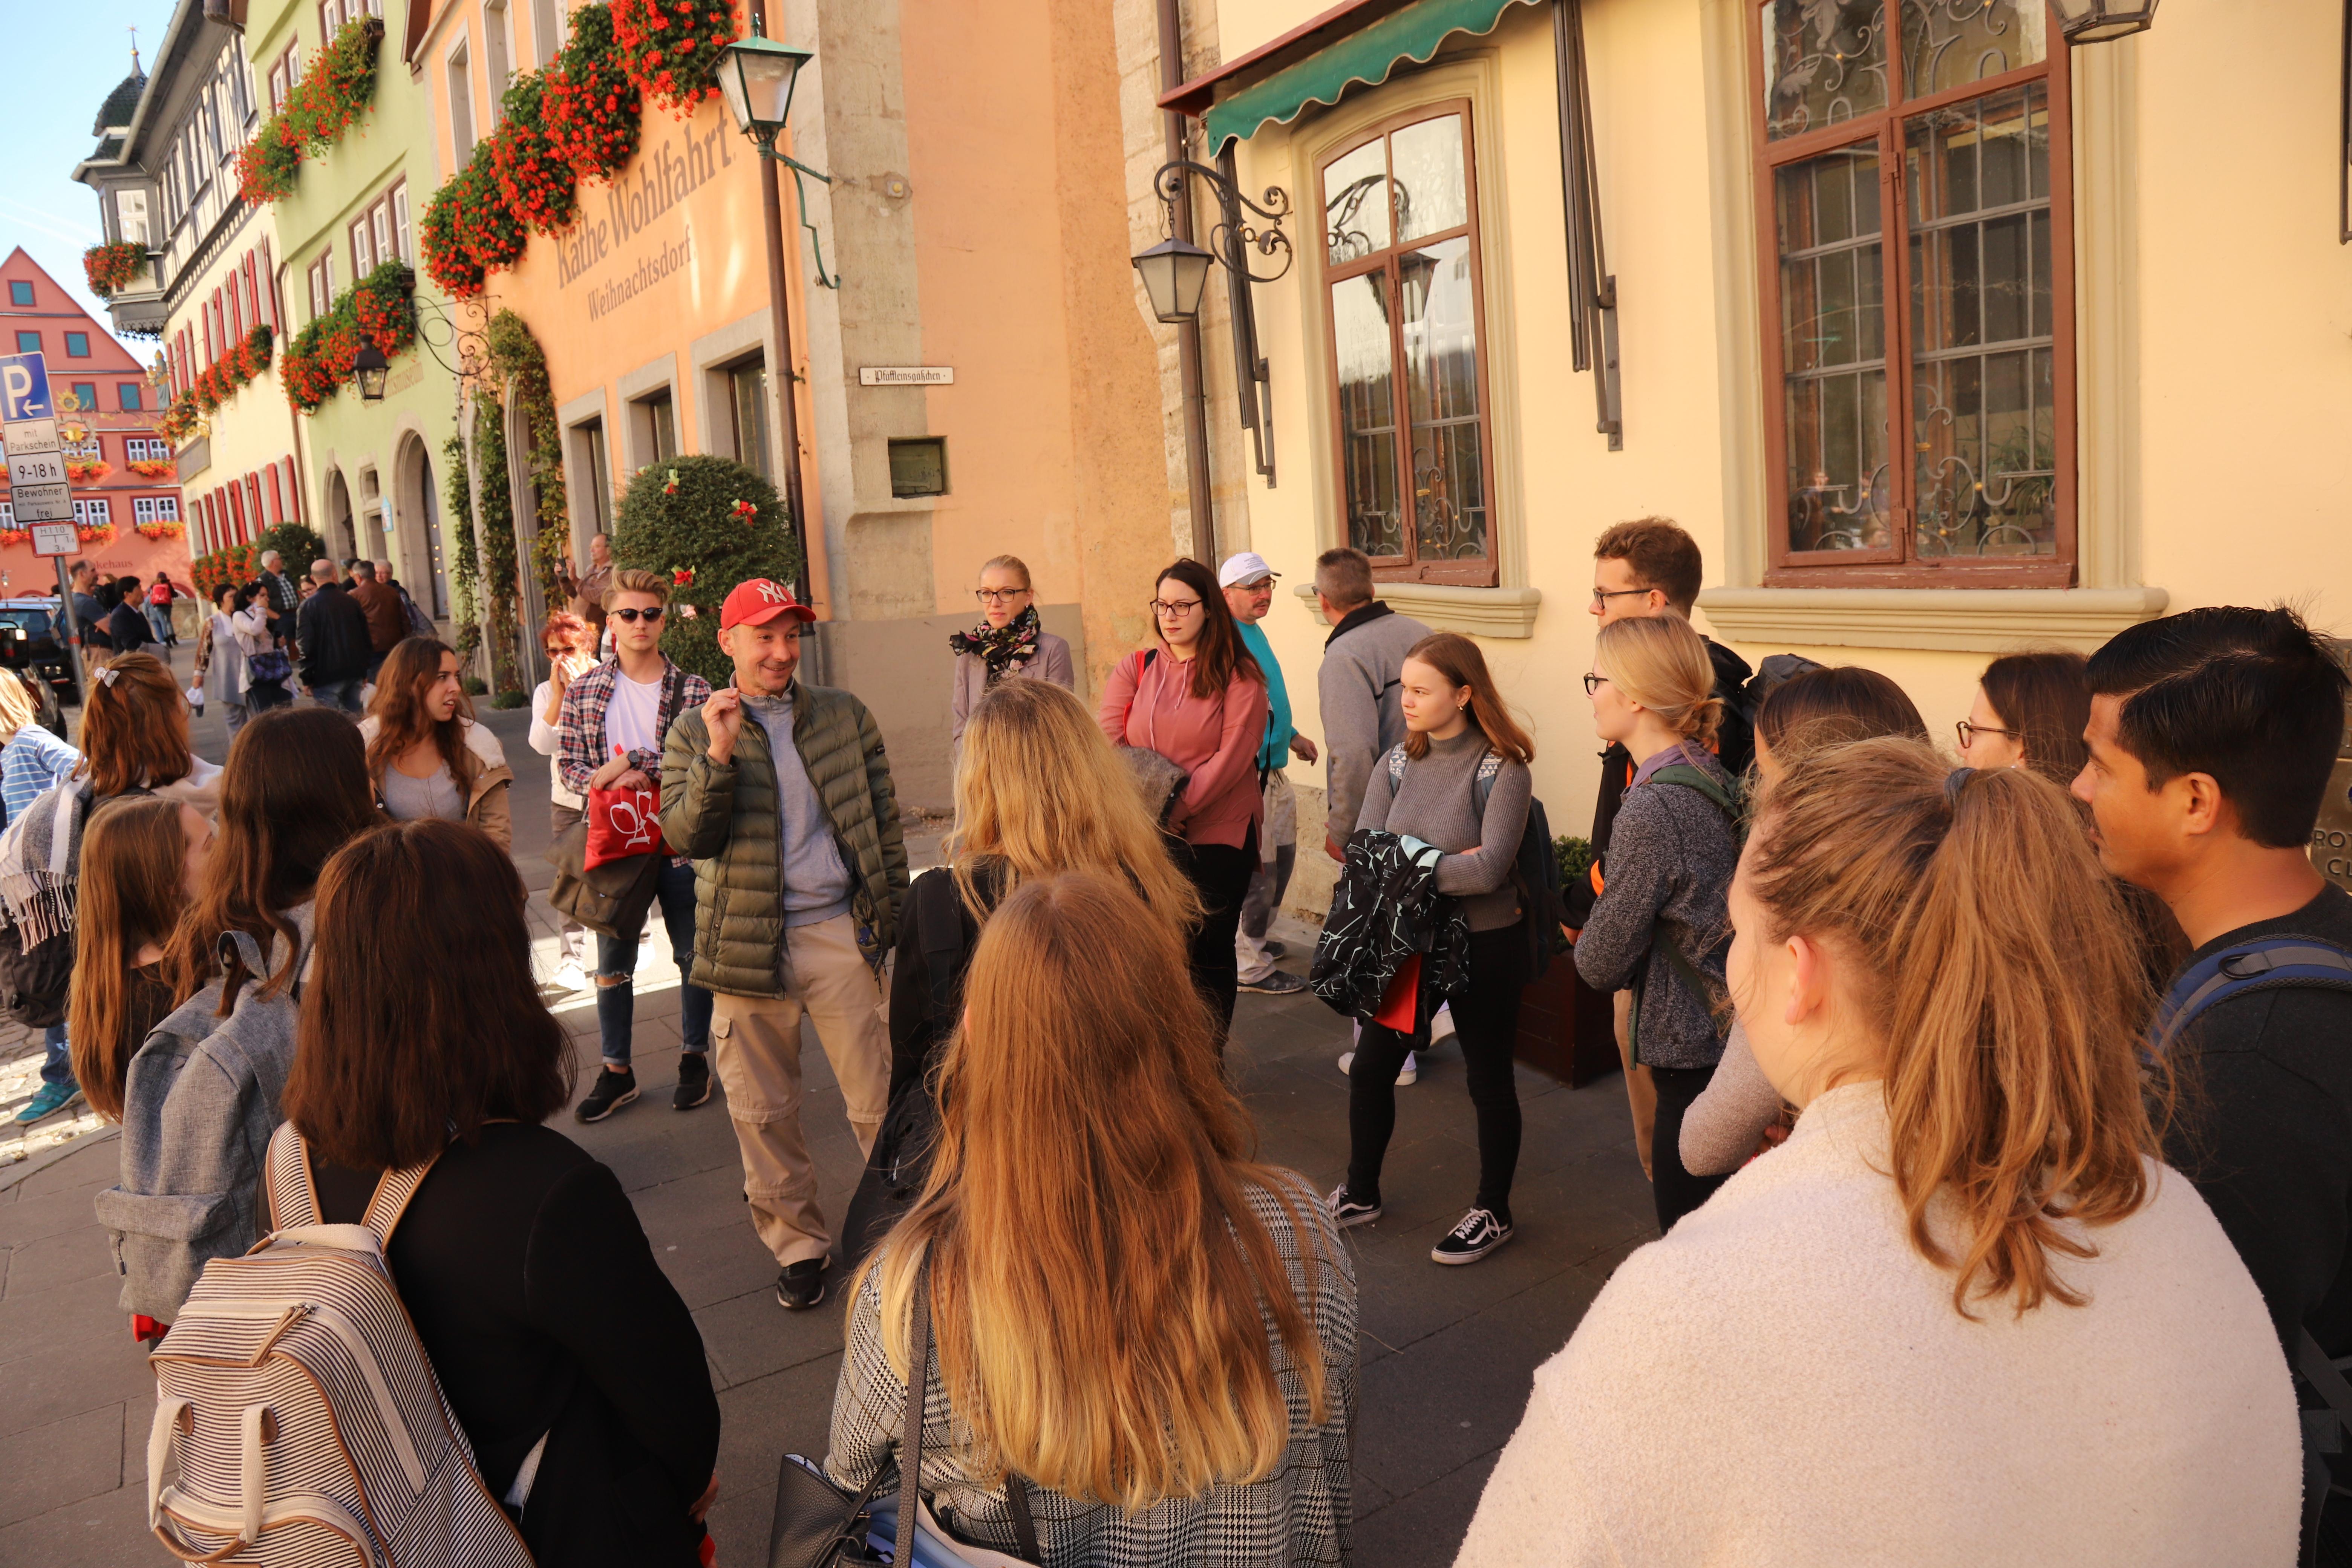 Studierende lauschen bei einer Stadtführung durch Rothenburg den Worten des Gästeführers.